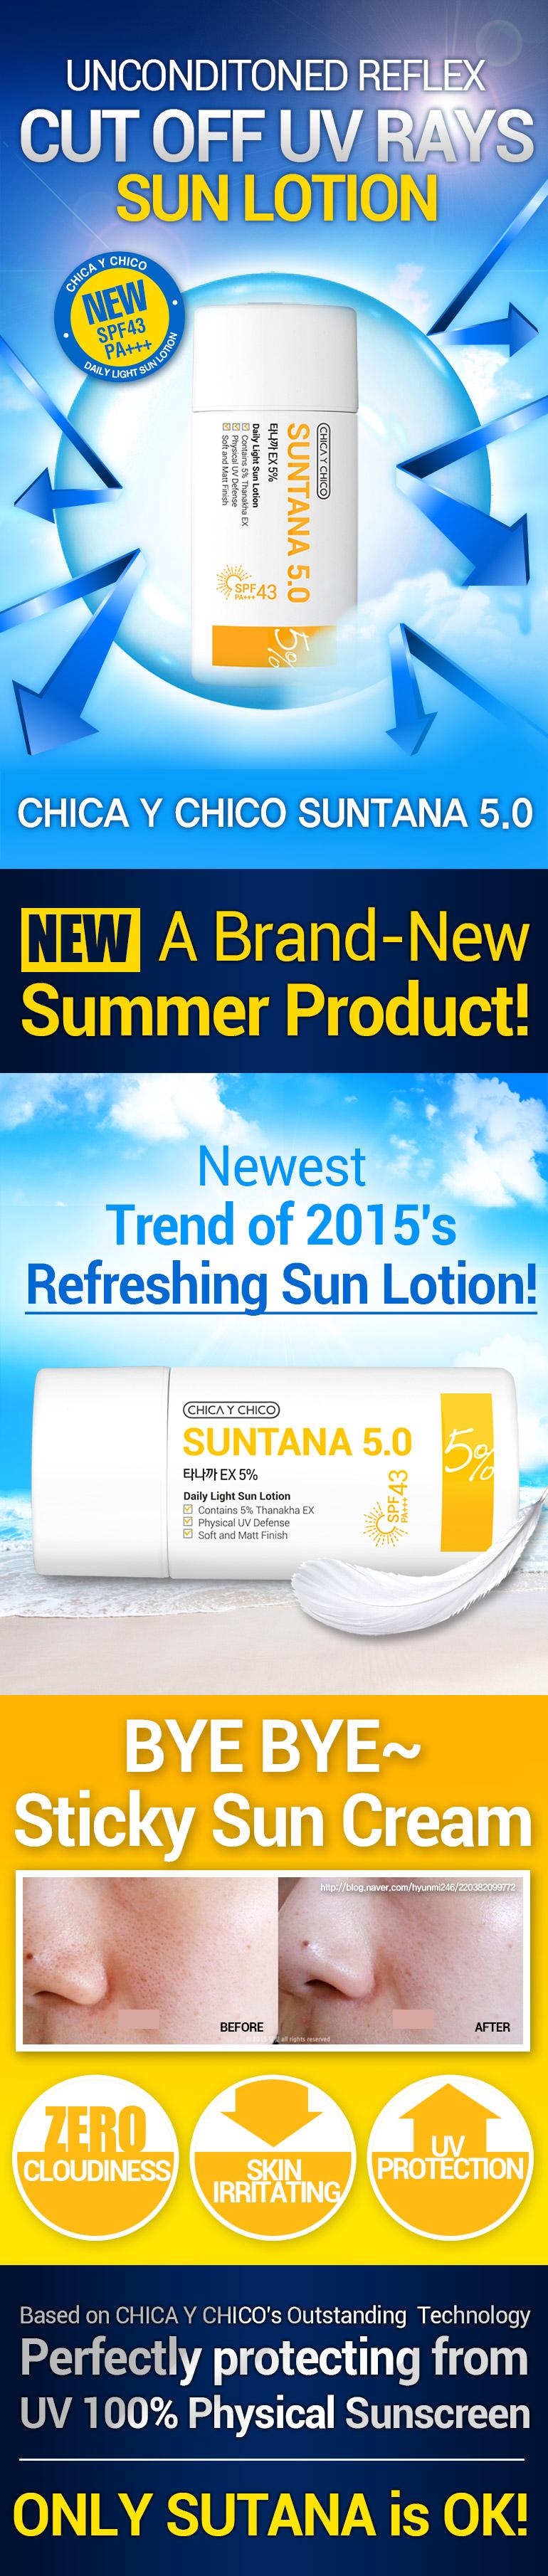 Suntana 5.0